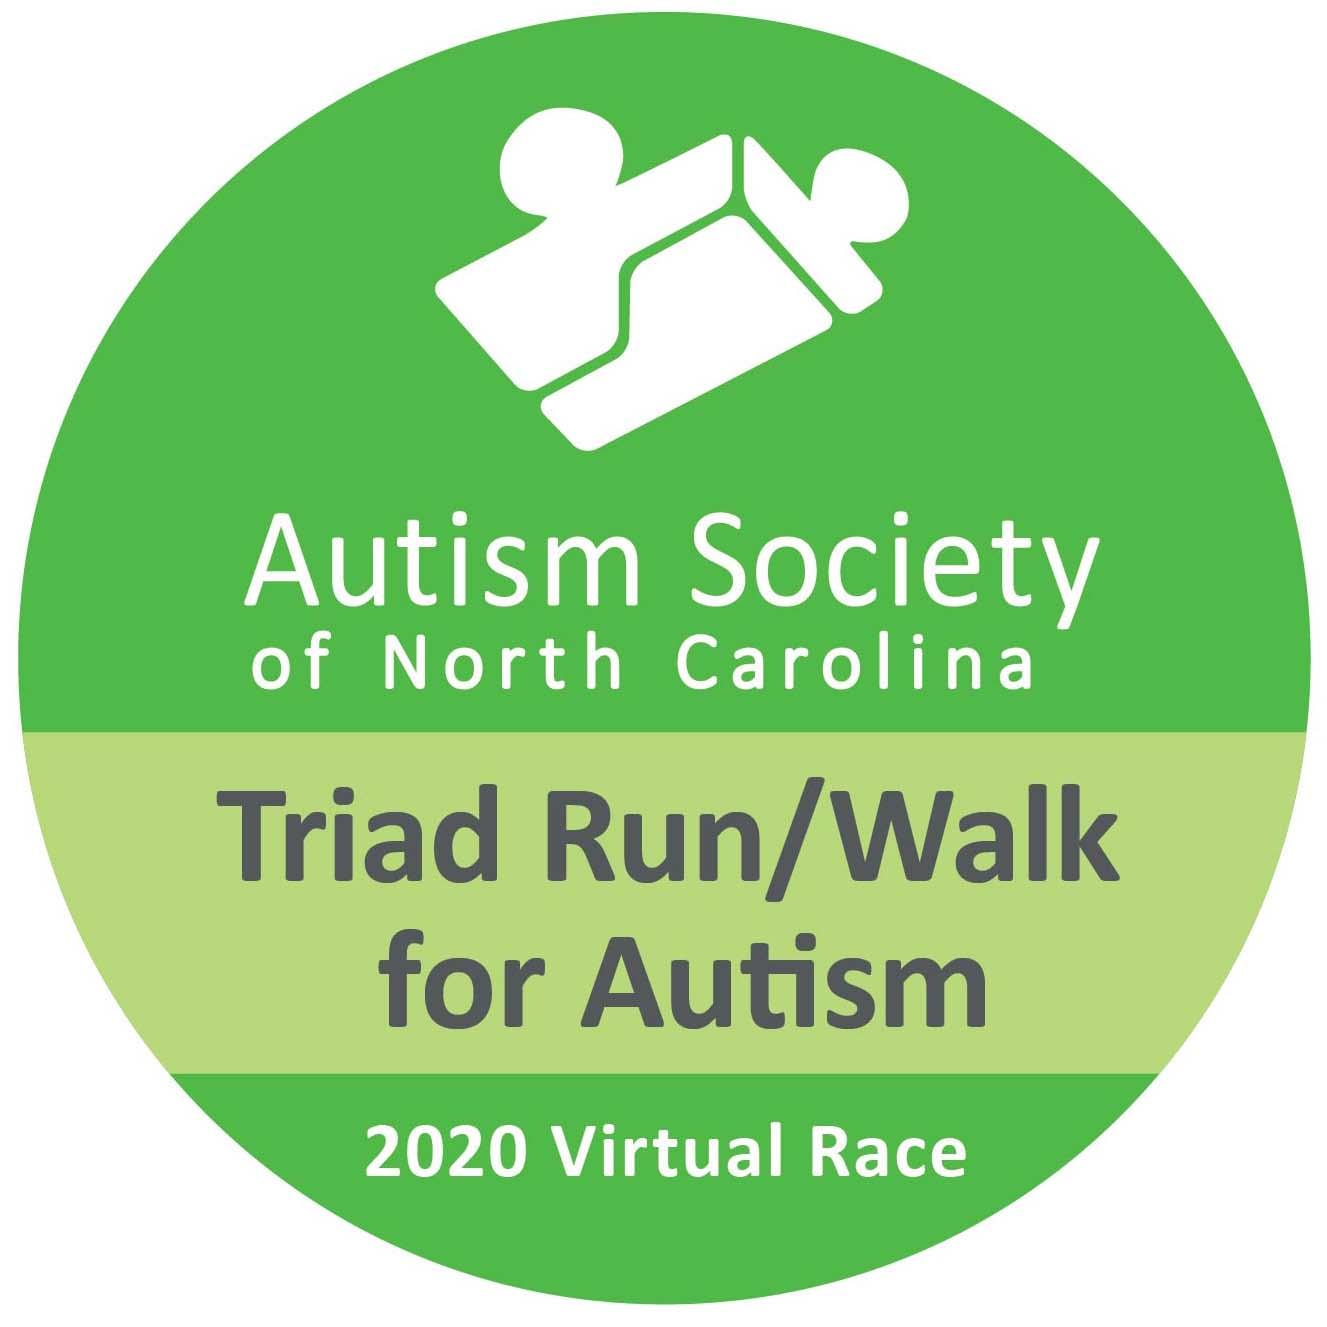 2020 Virtual Triad Run/Walk for Autism